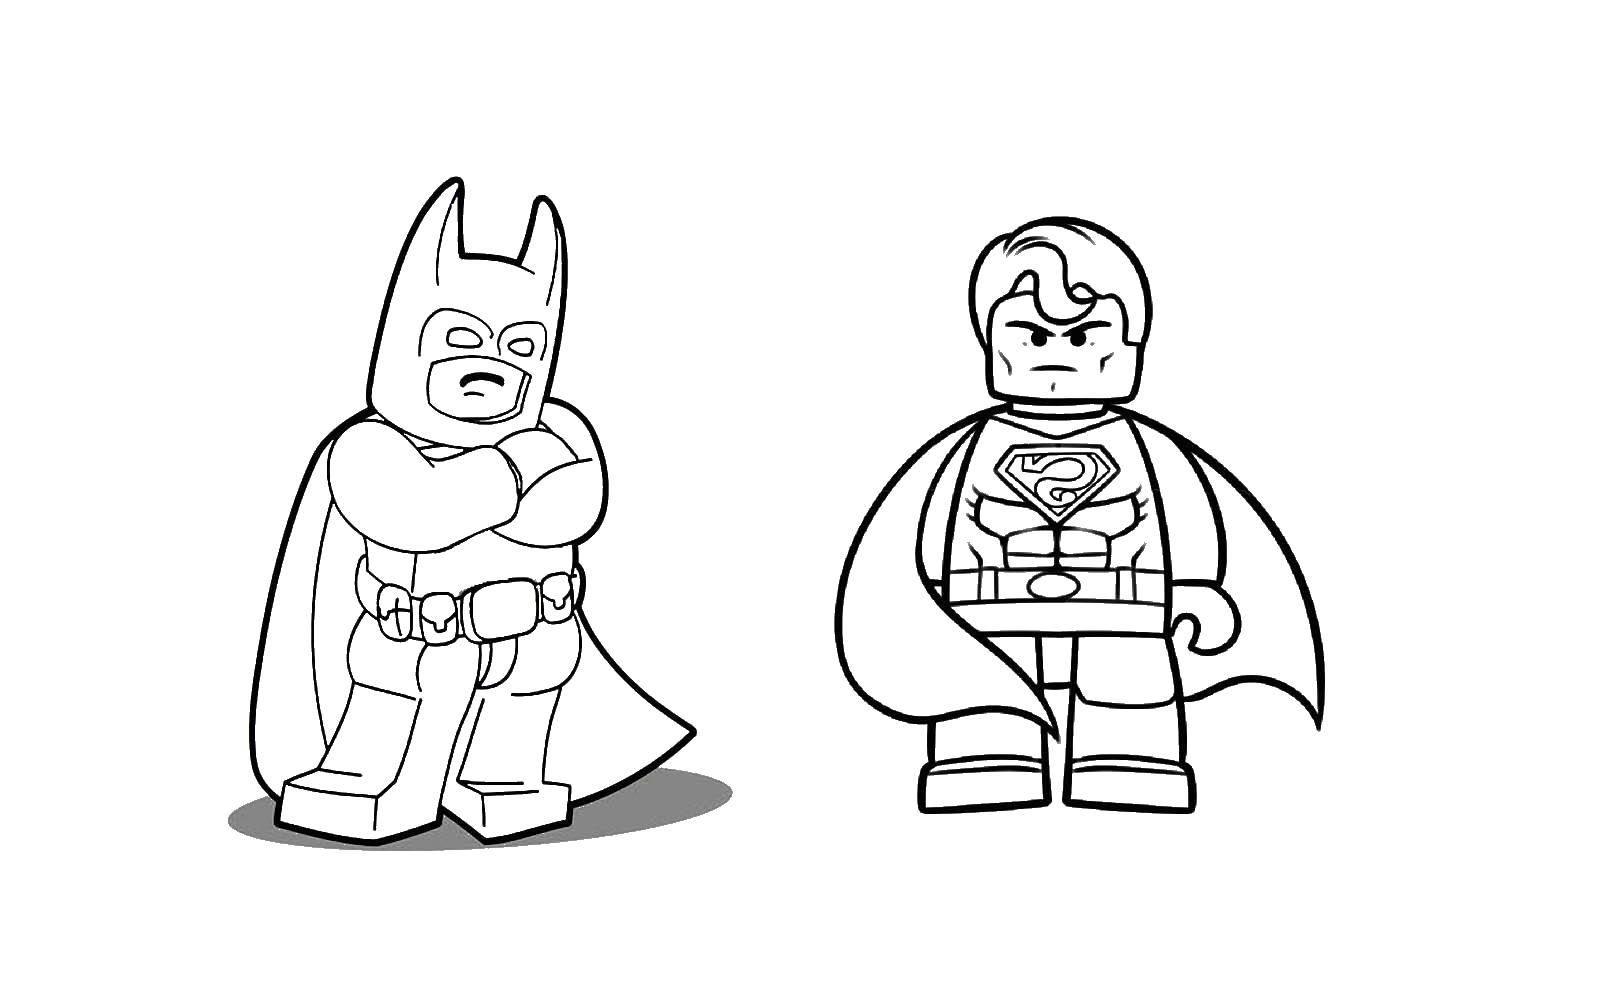 Раскраска Бэтмэн из конструктора лего и супермэн Скачать Конструктор, Лего.  Распечатать ,Лего,